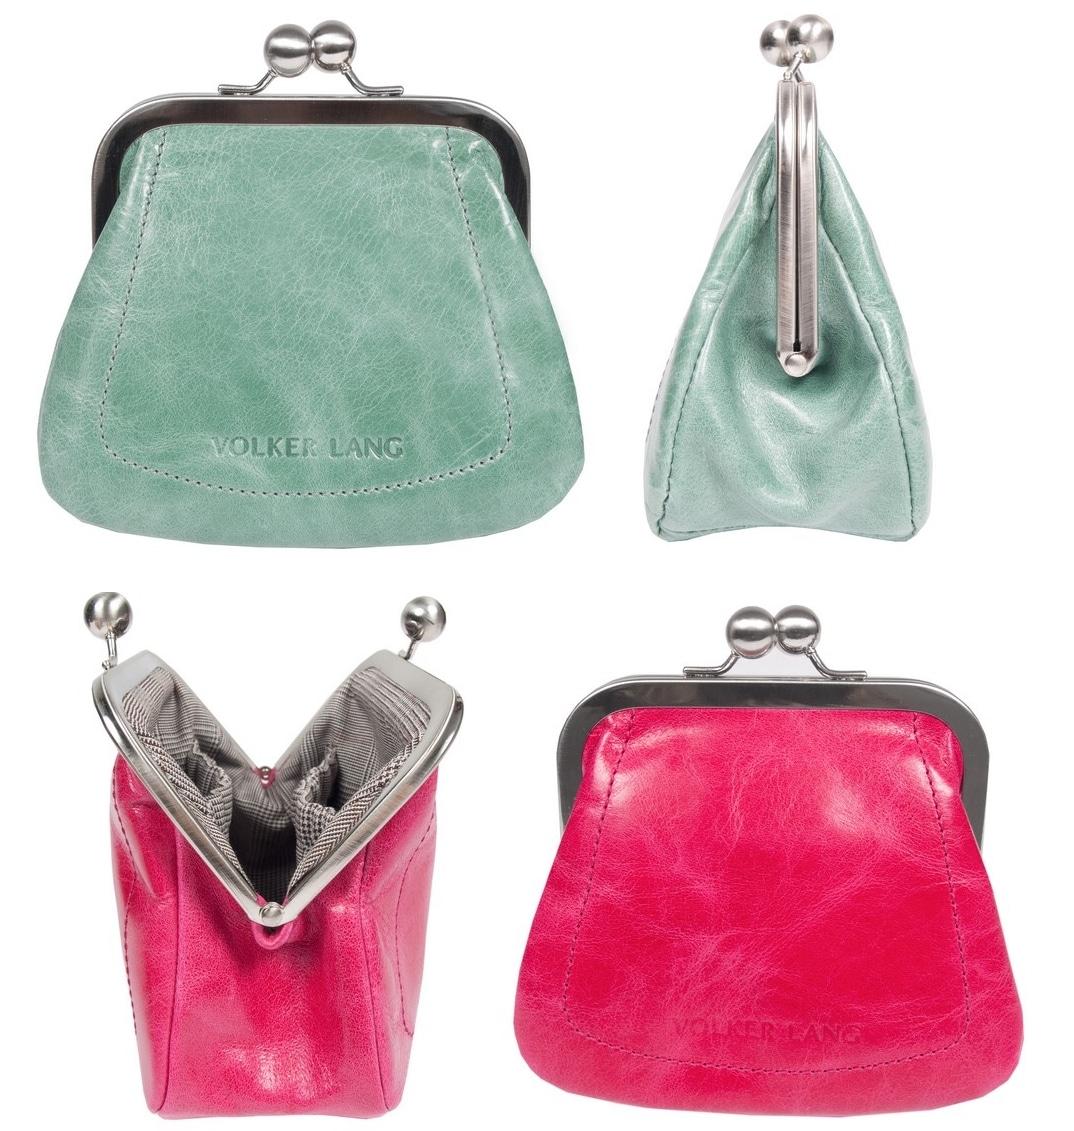 clutch-hochzeit-braut-antique-pink-rosa-fuxia-mint-tuerkis-vintage-leder-dong-volker-lang